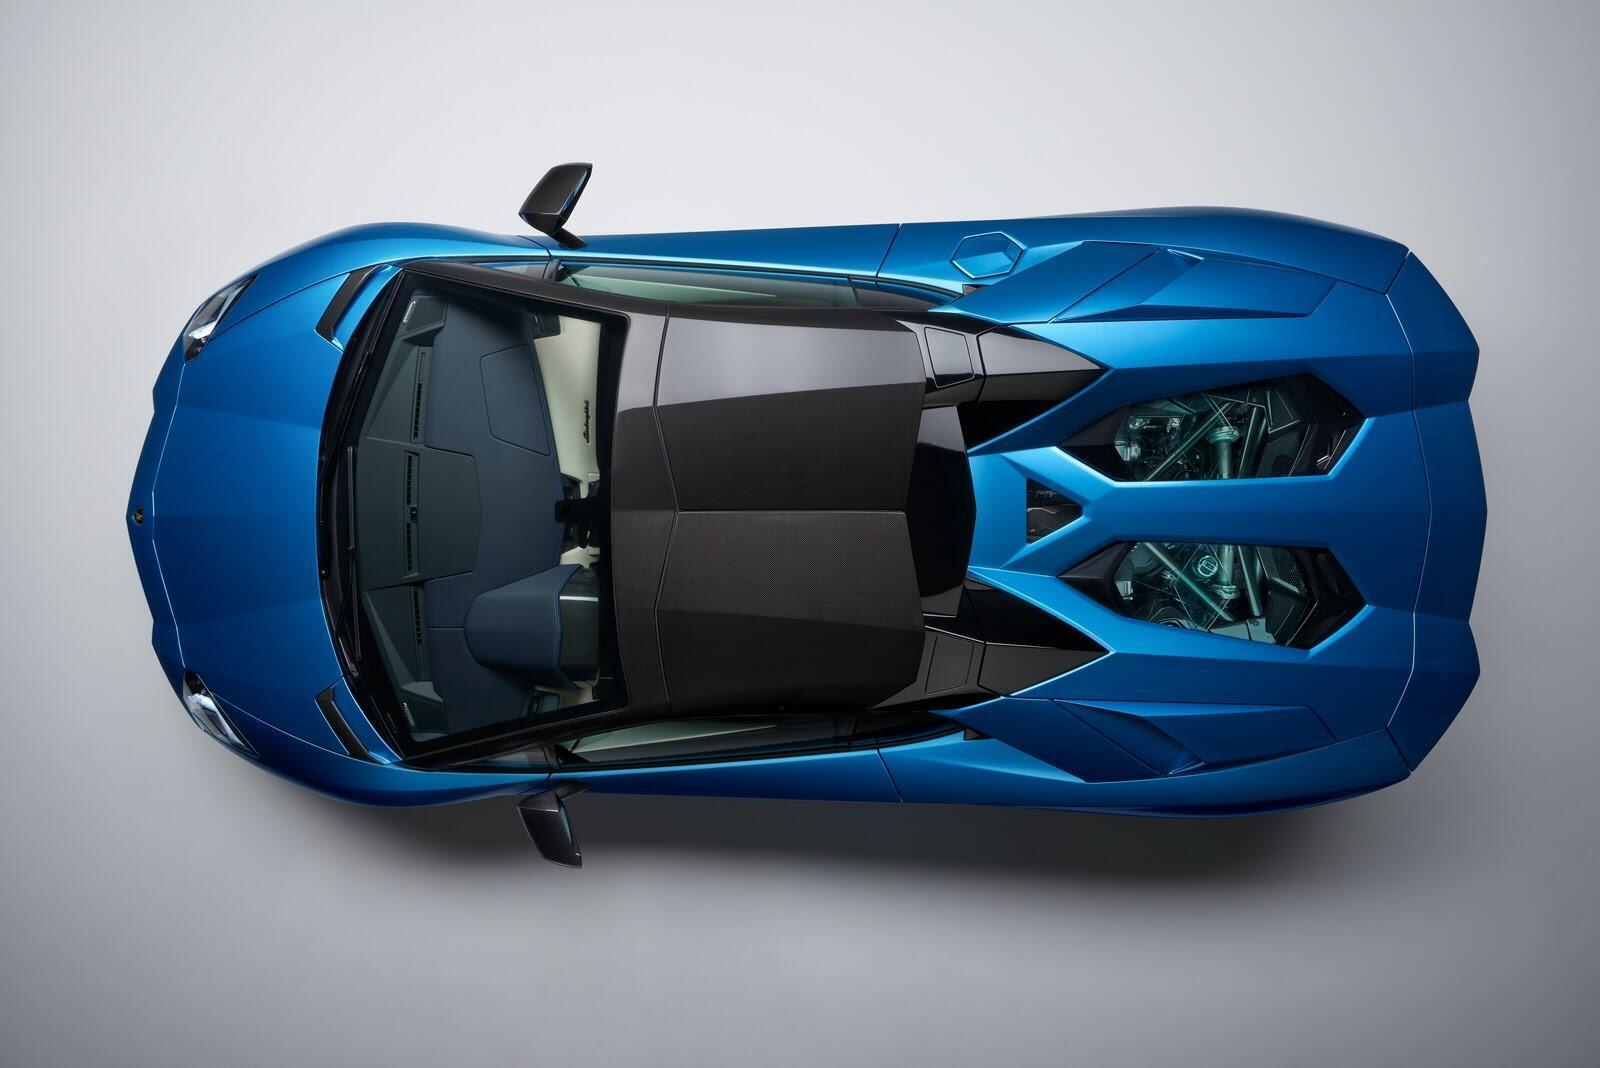 Siêu xe Lamborghini Aventador S Roadster chính thức trình làng - Hình 5